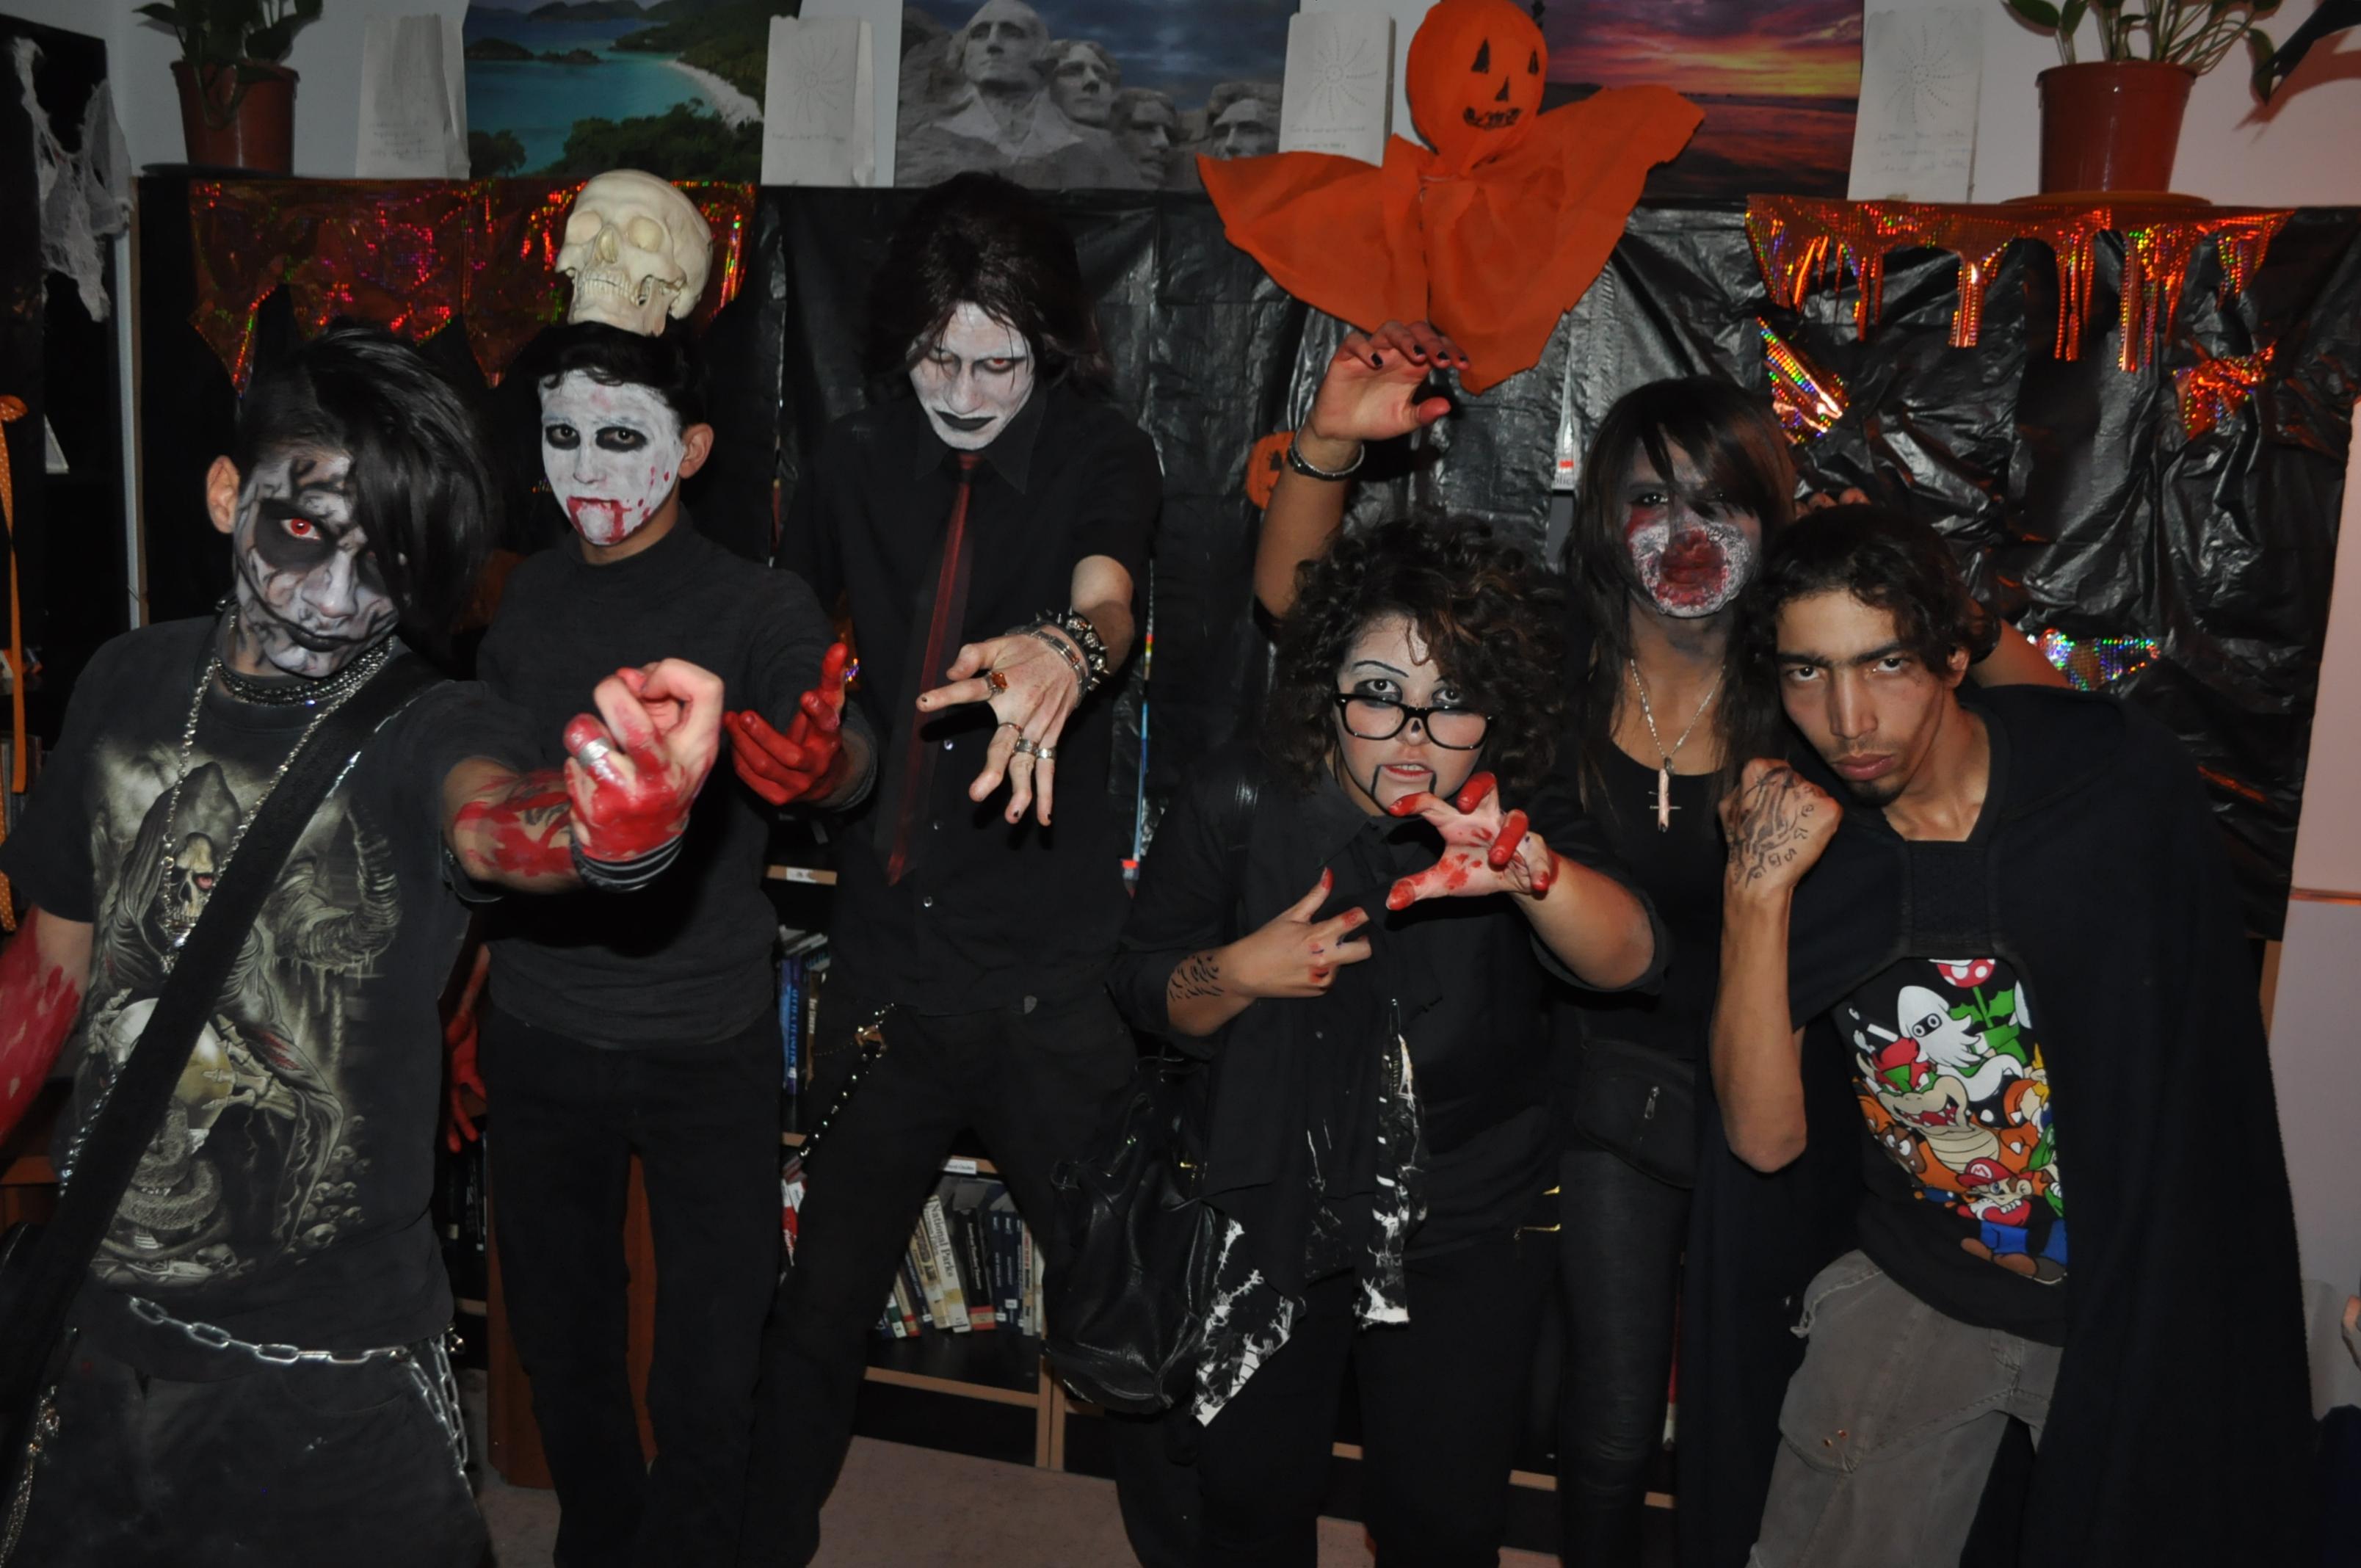 Halloween in Tunisia